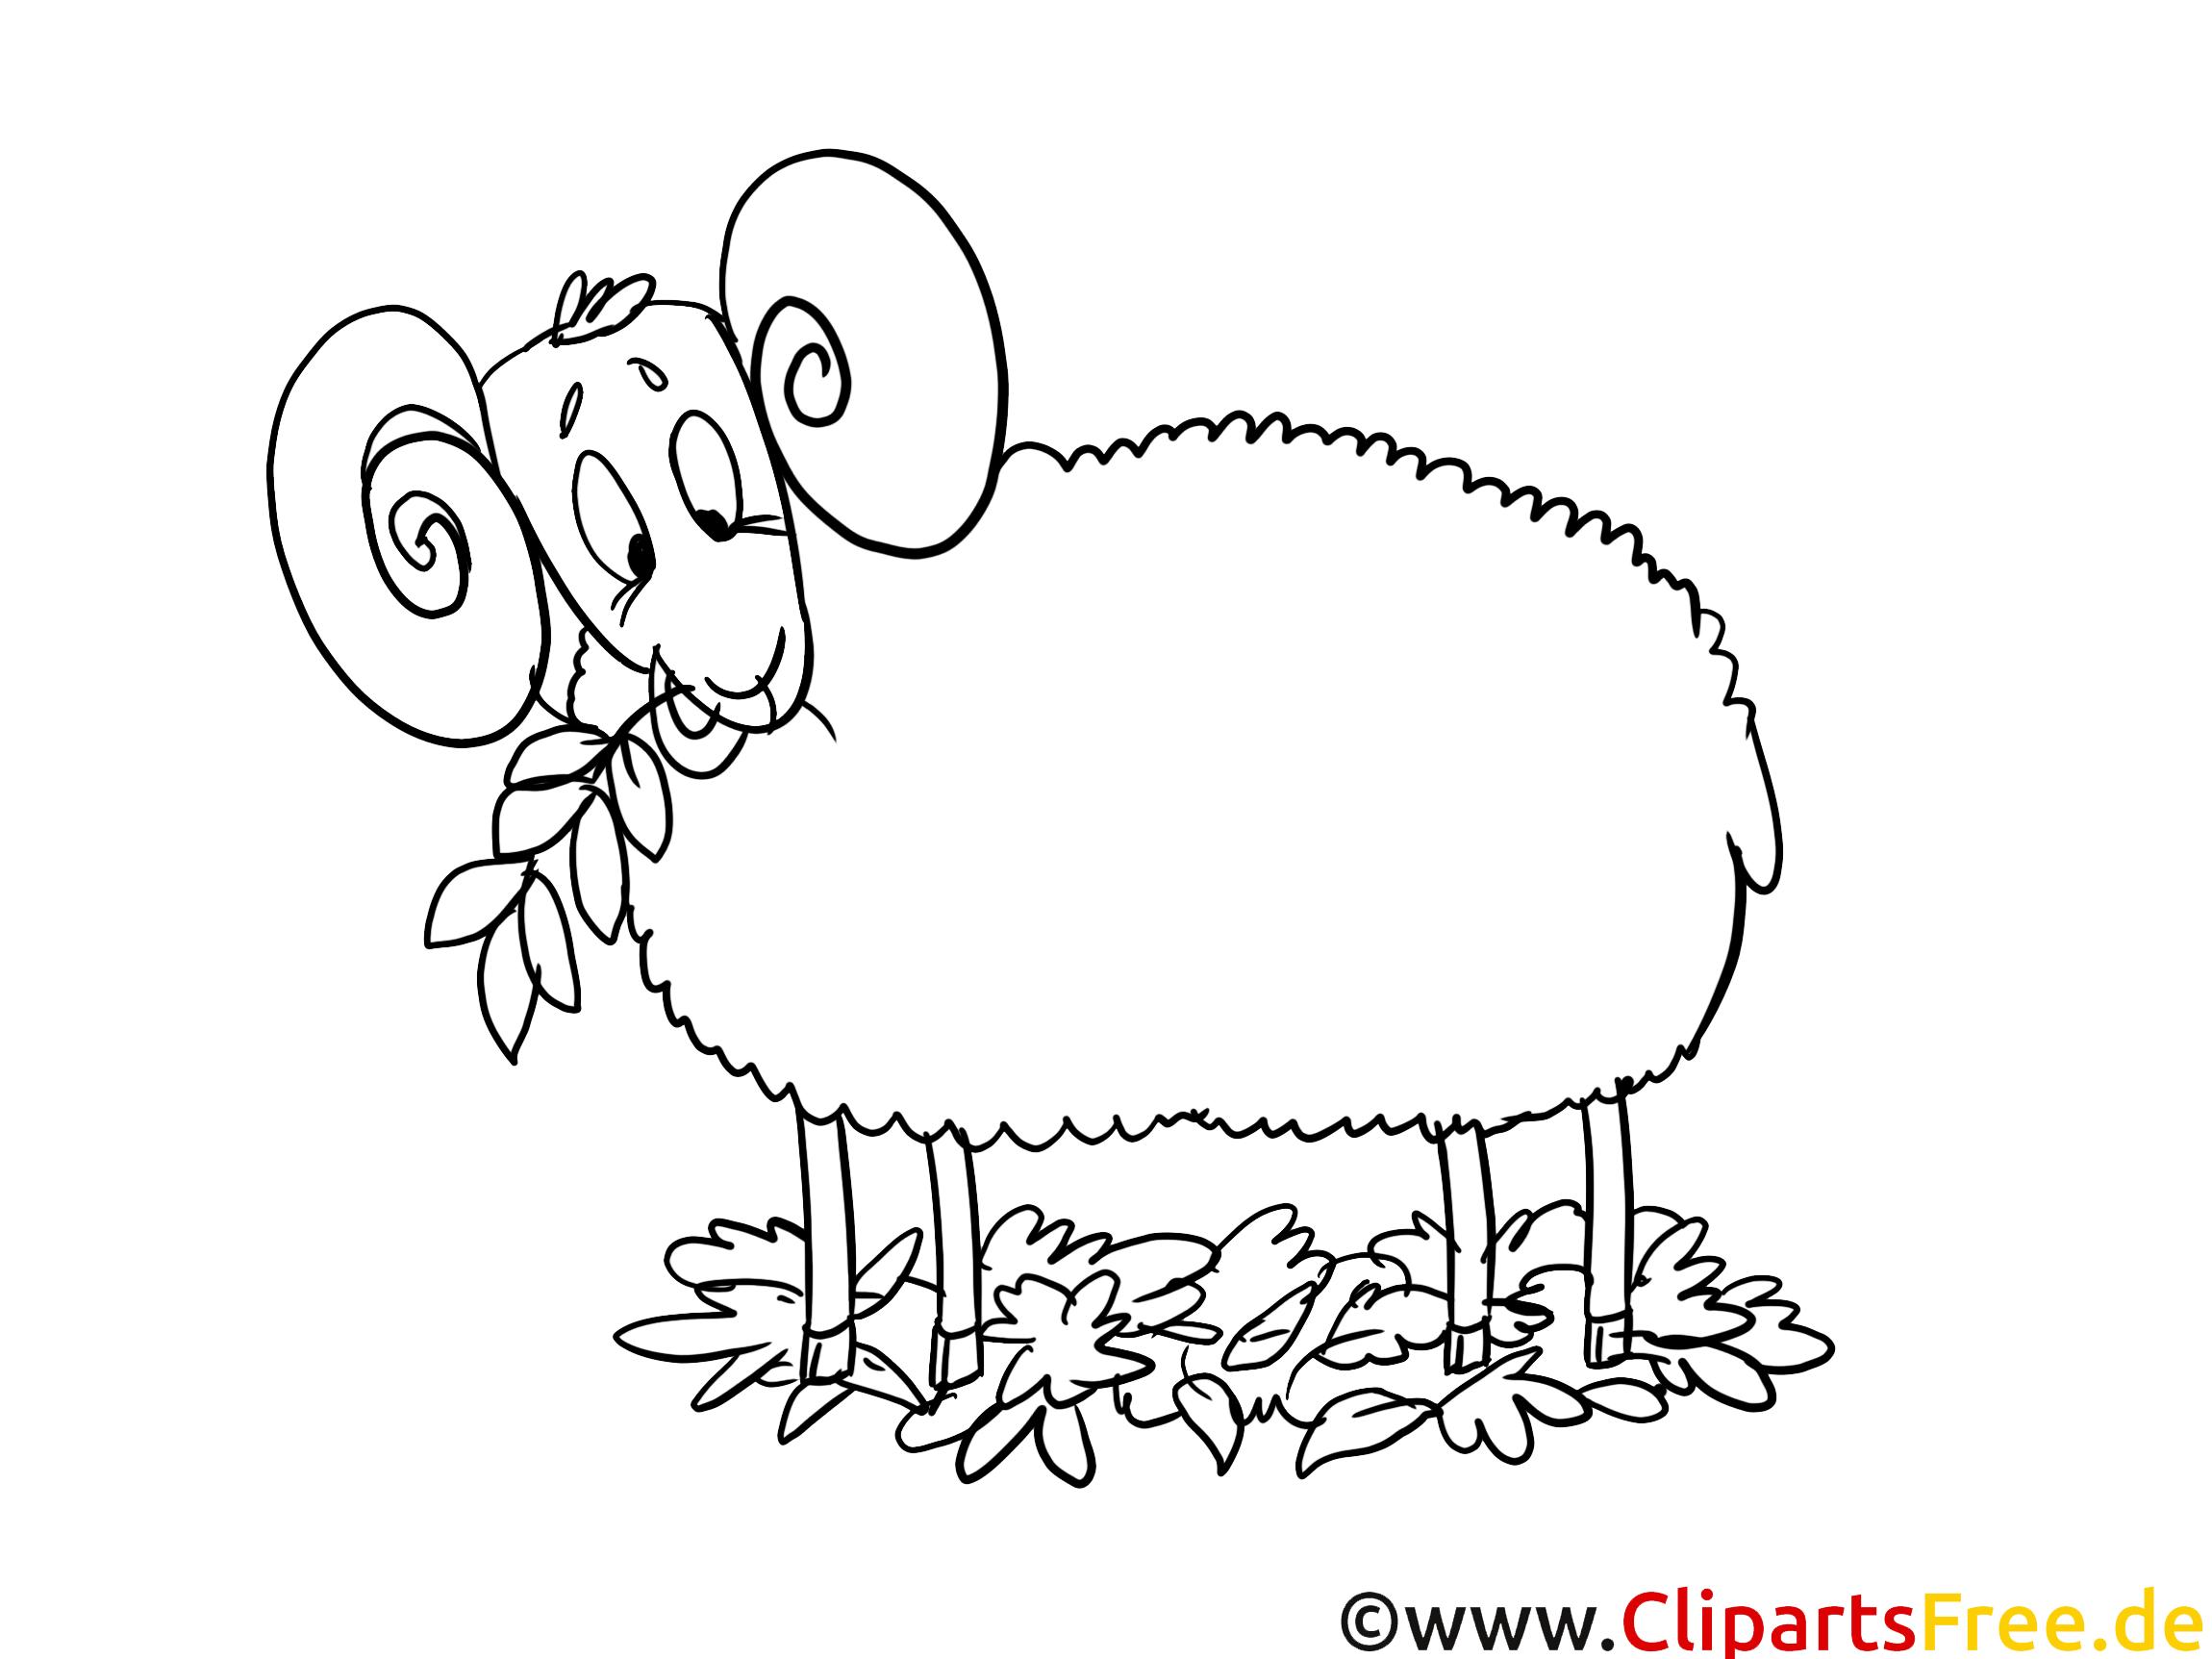 Schaf Bild-Malvorlage - Gratismalvorlagen zum Thema Herbst